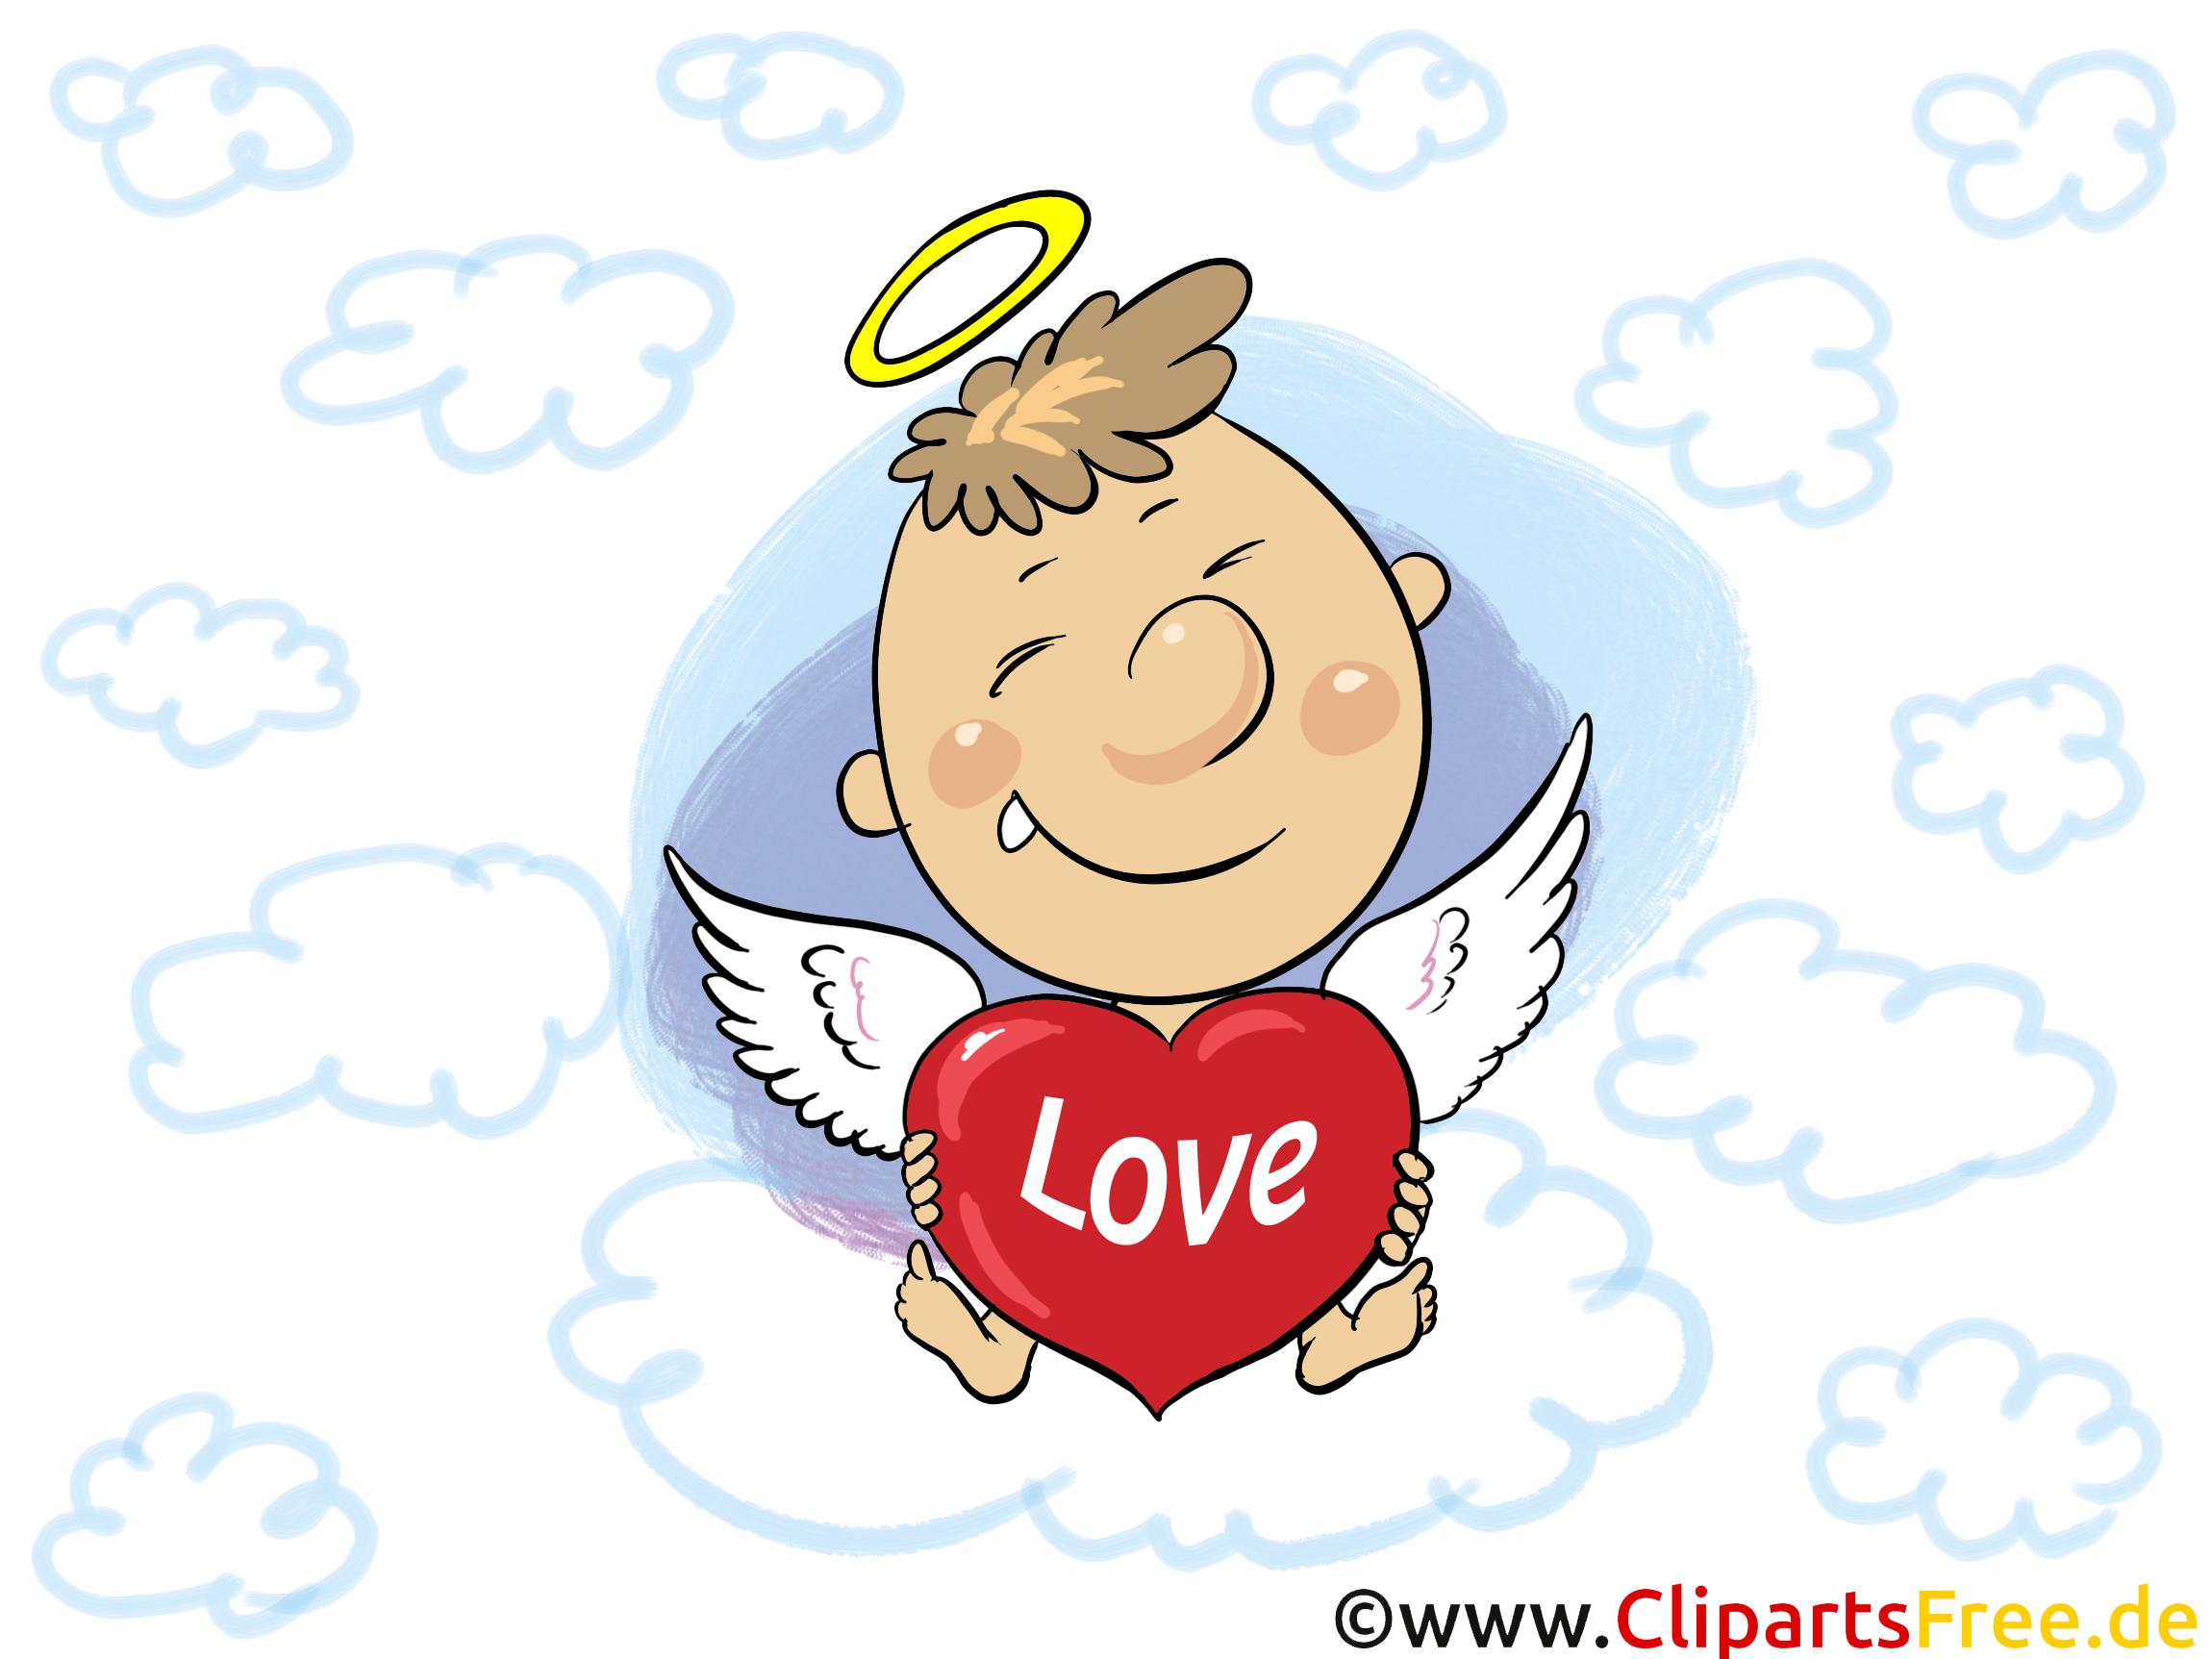 Engel mit Herz Liebesgruss, Liebe GB-Bild, Comic